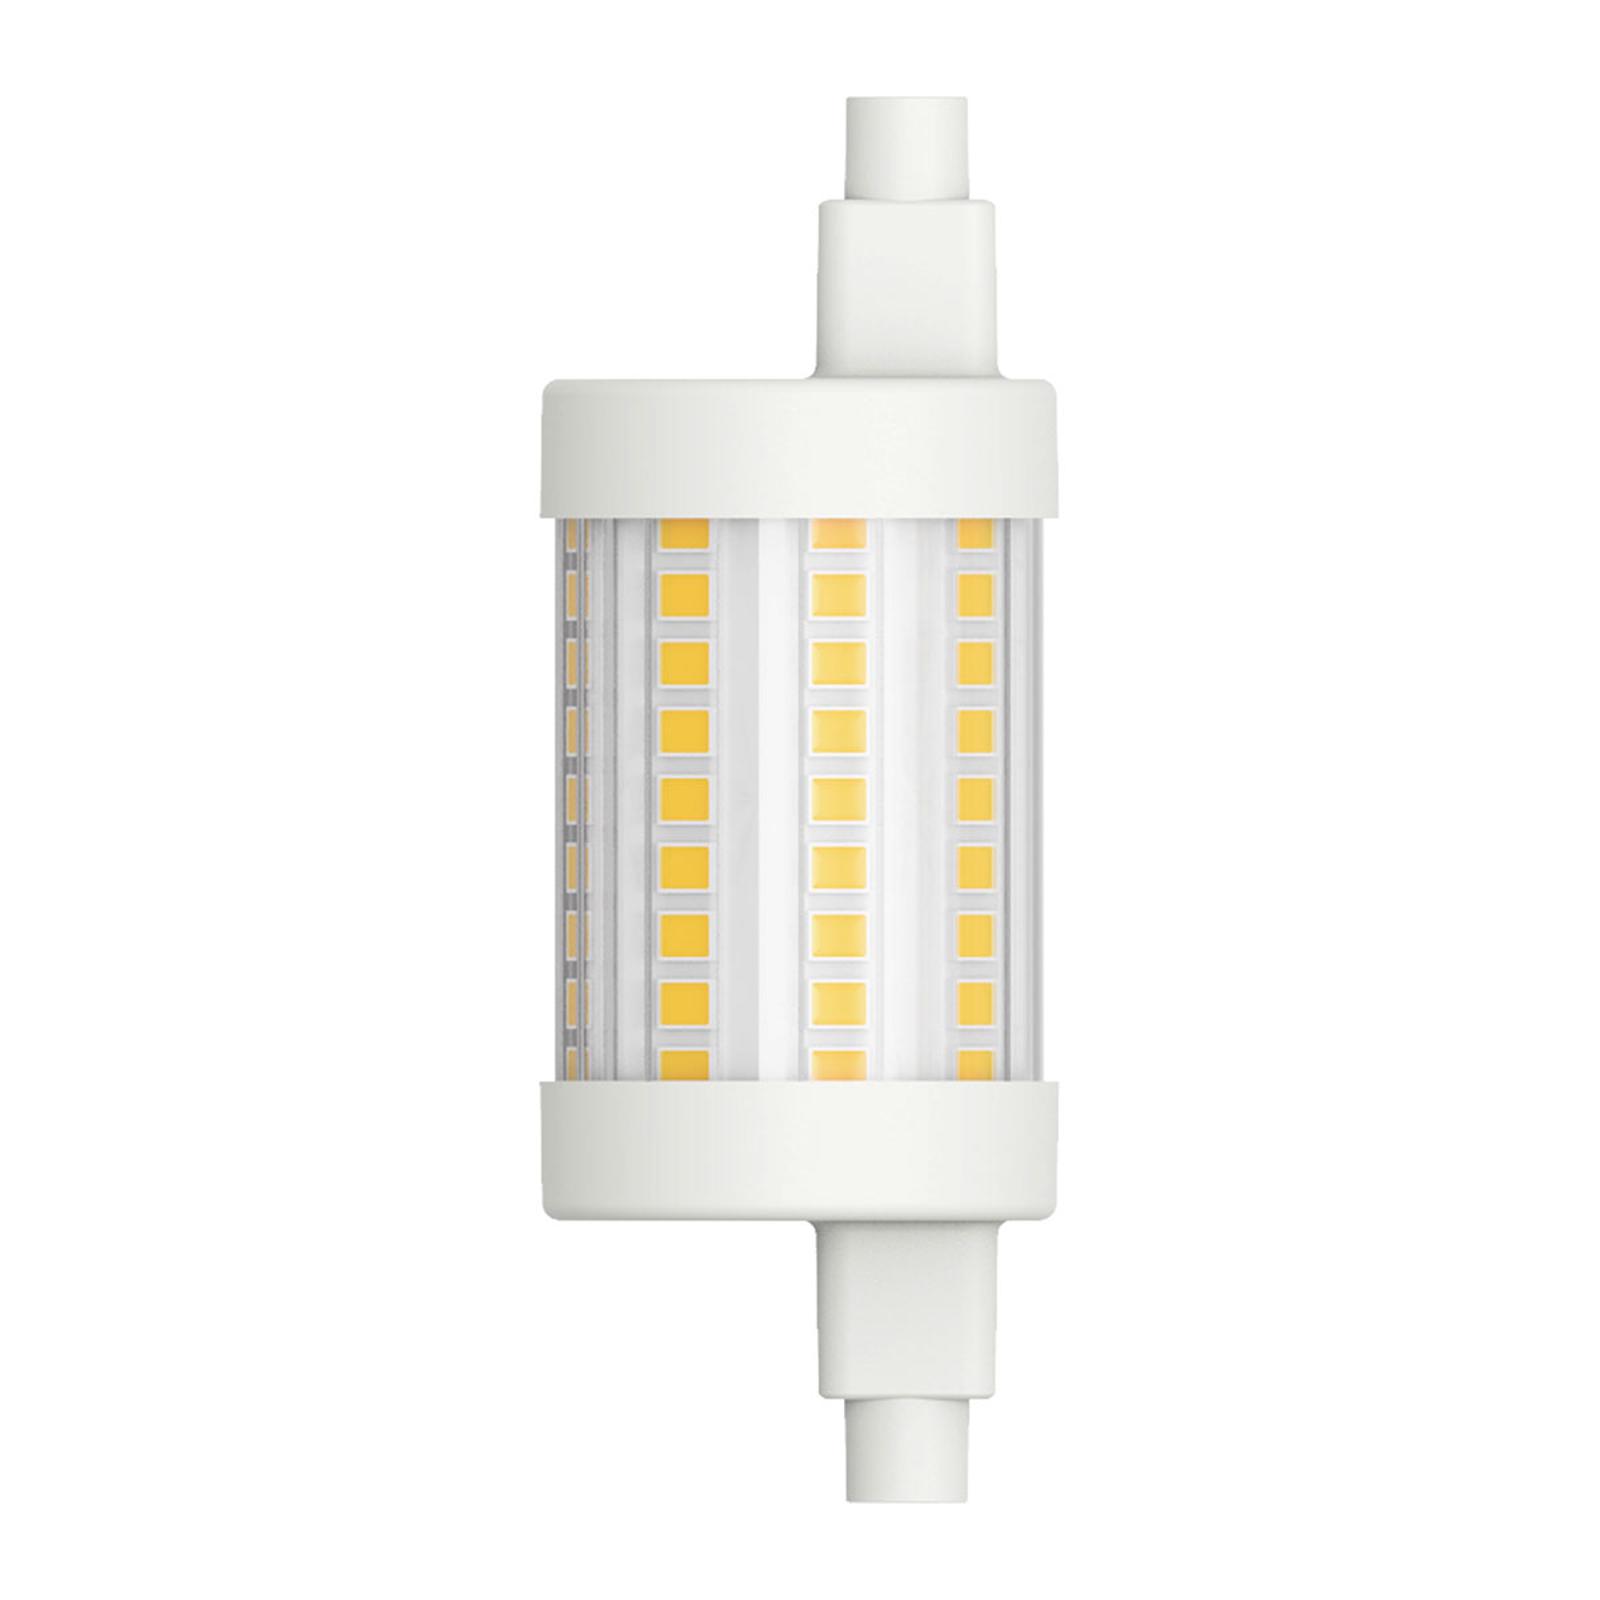 LED-stav R7s 78,3 mm 8W varmhvit